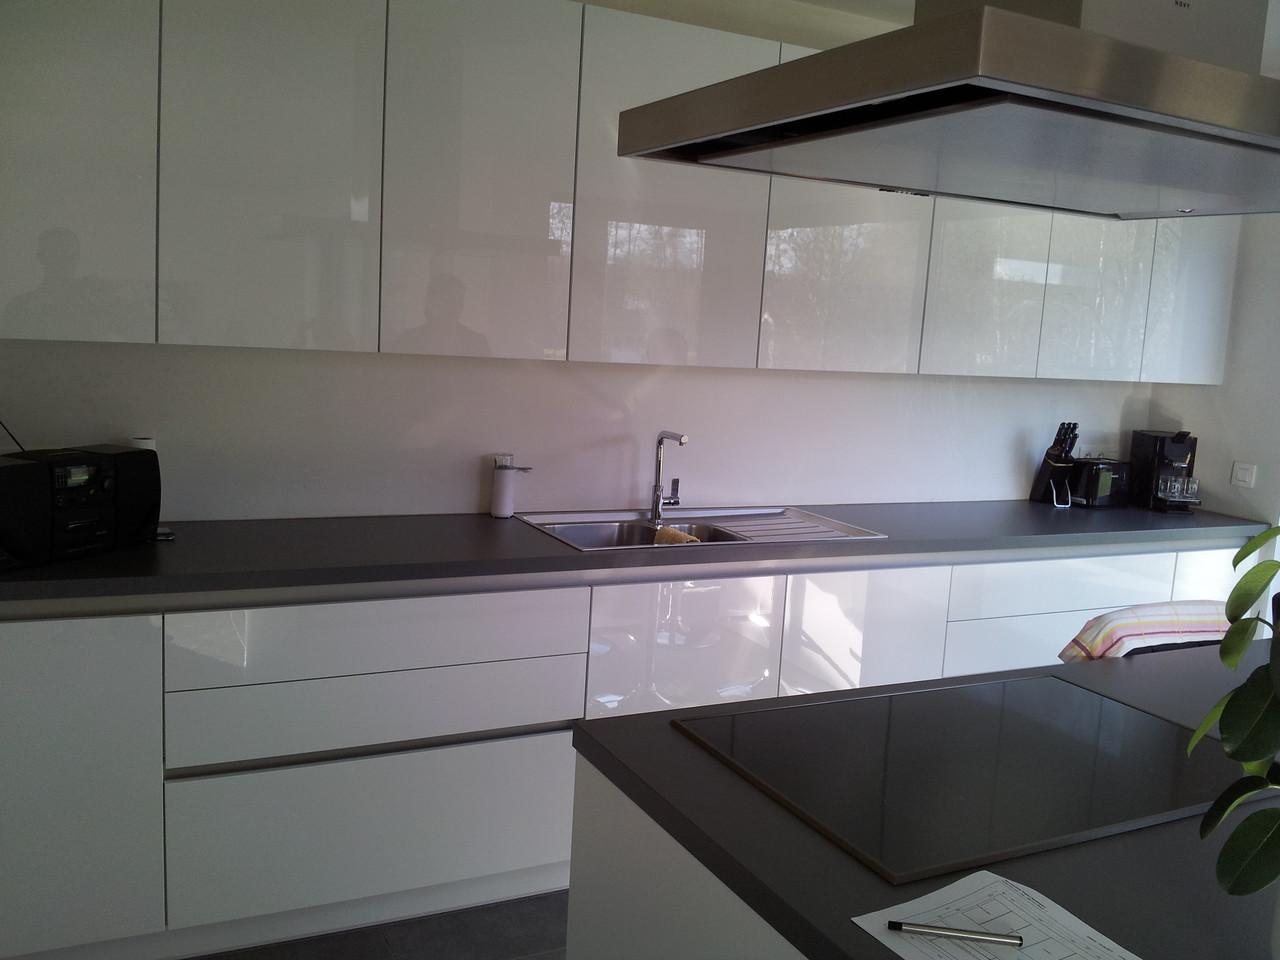 keuken met hoogglans fronten krasbestendig